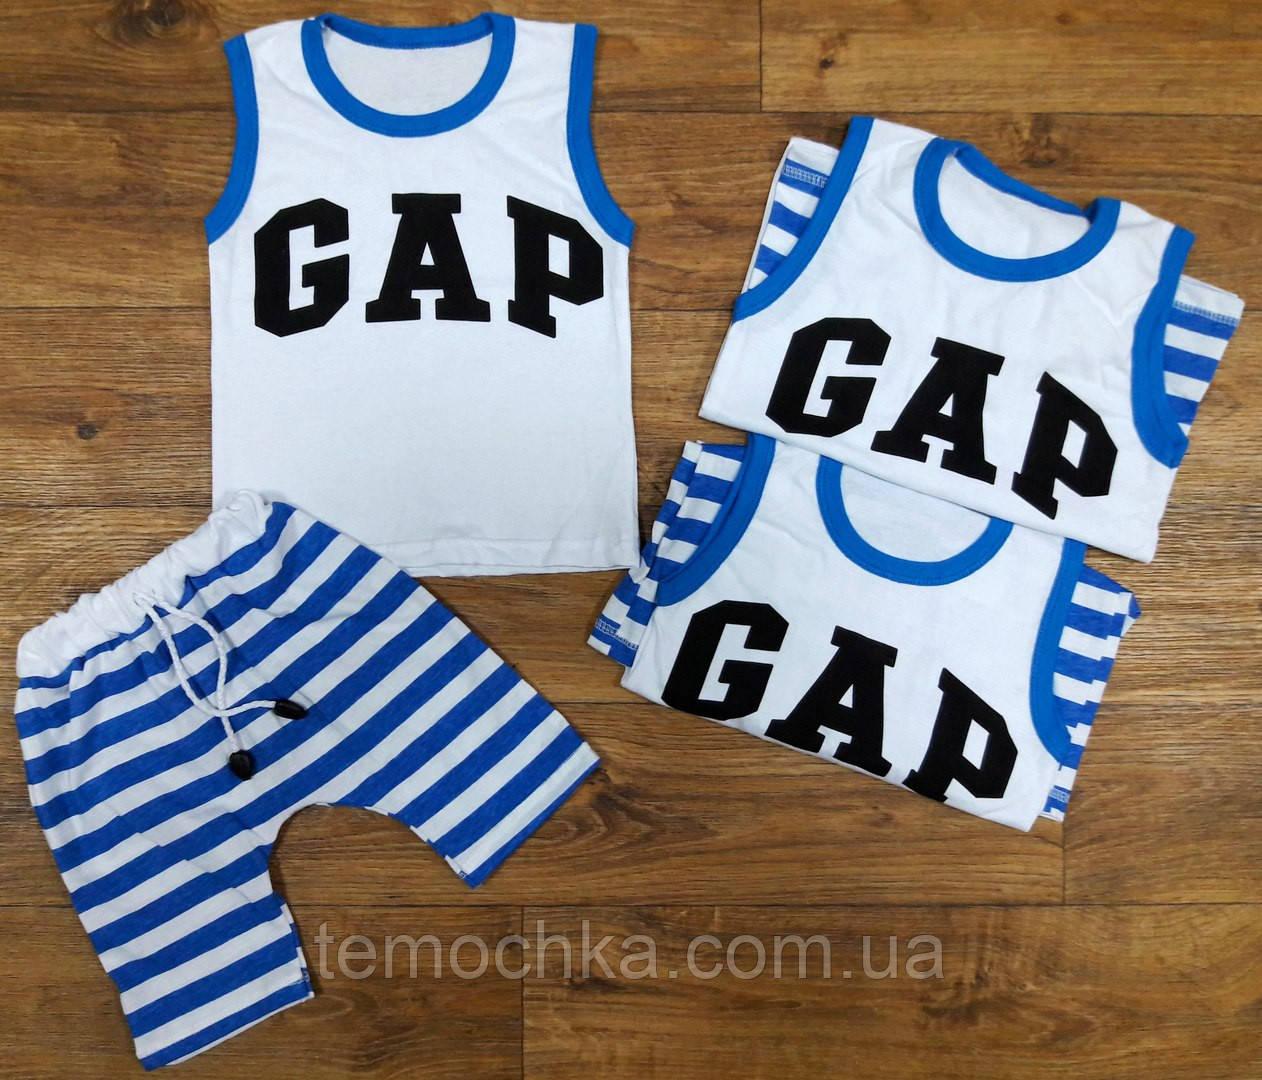 Летний комплект GAP. Белый-синий.